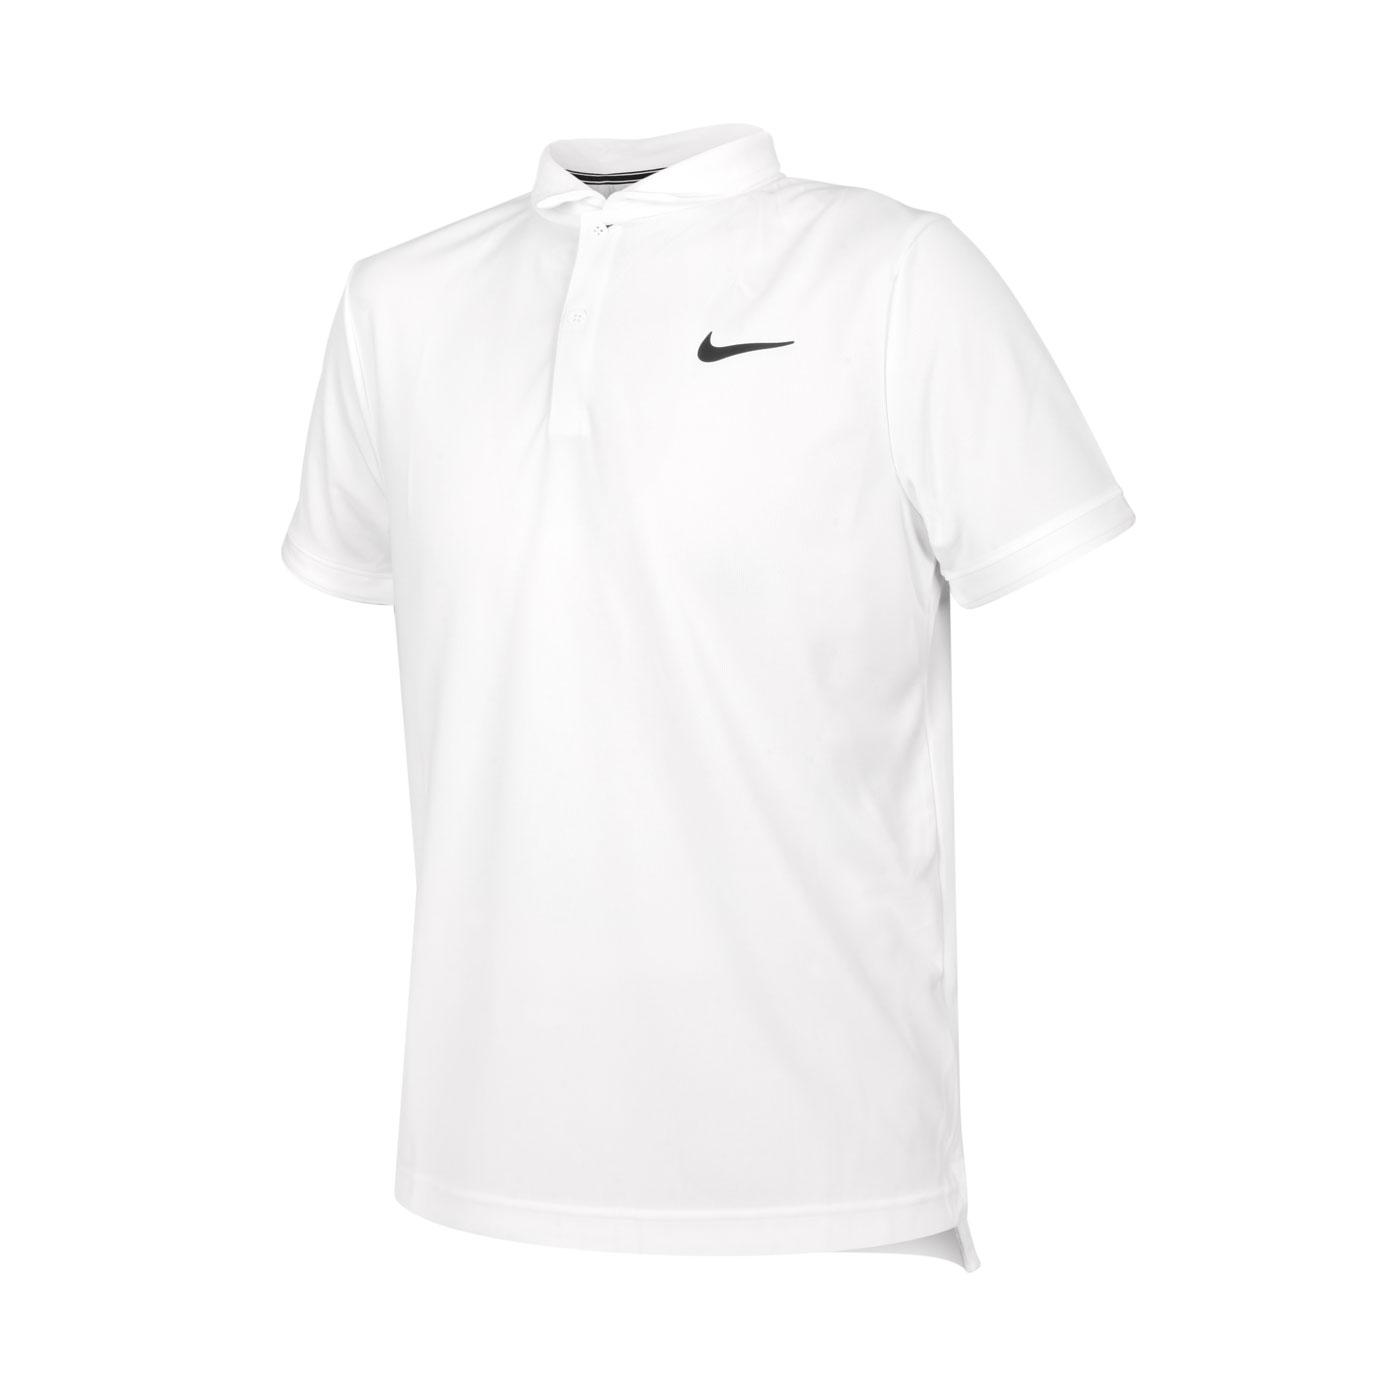 NIKE 男款短袖POLO衫 CW6851-100 - 白黑